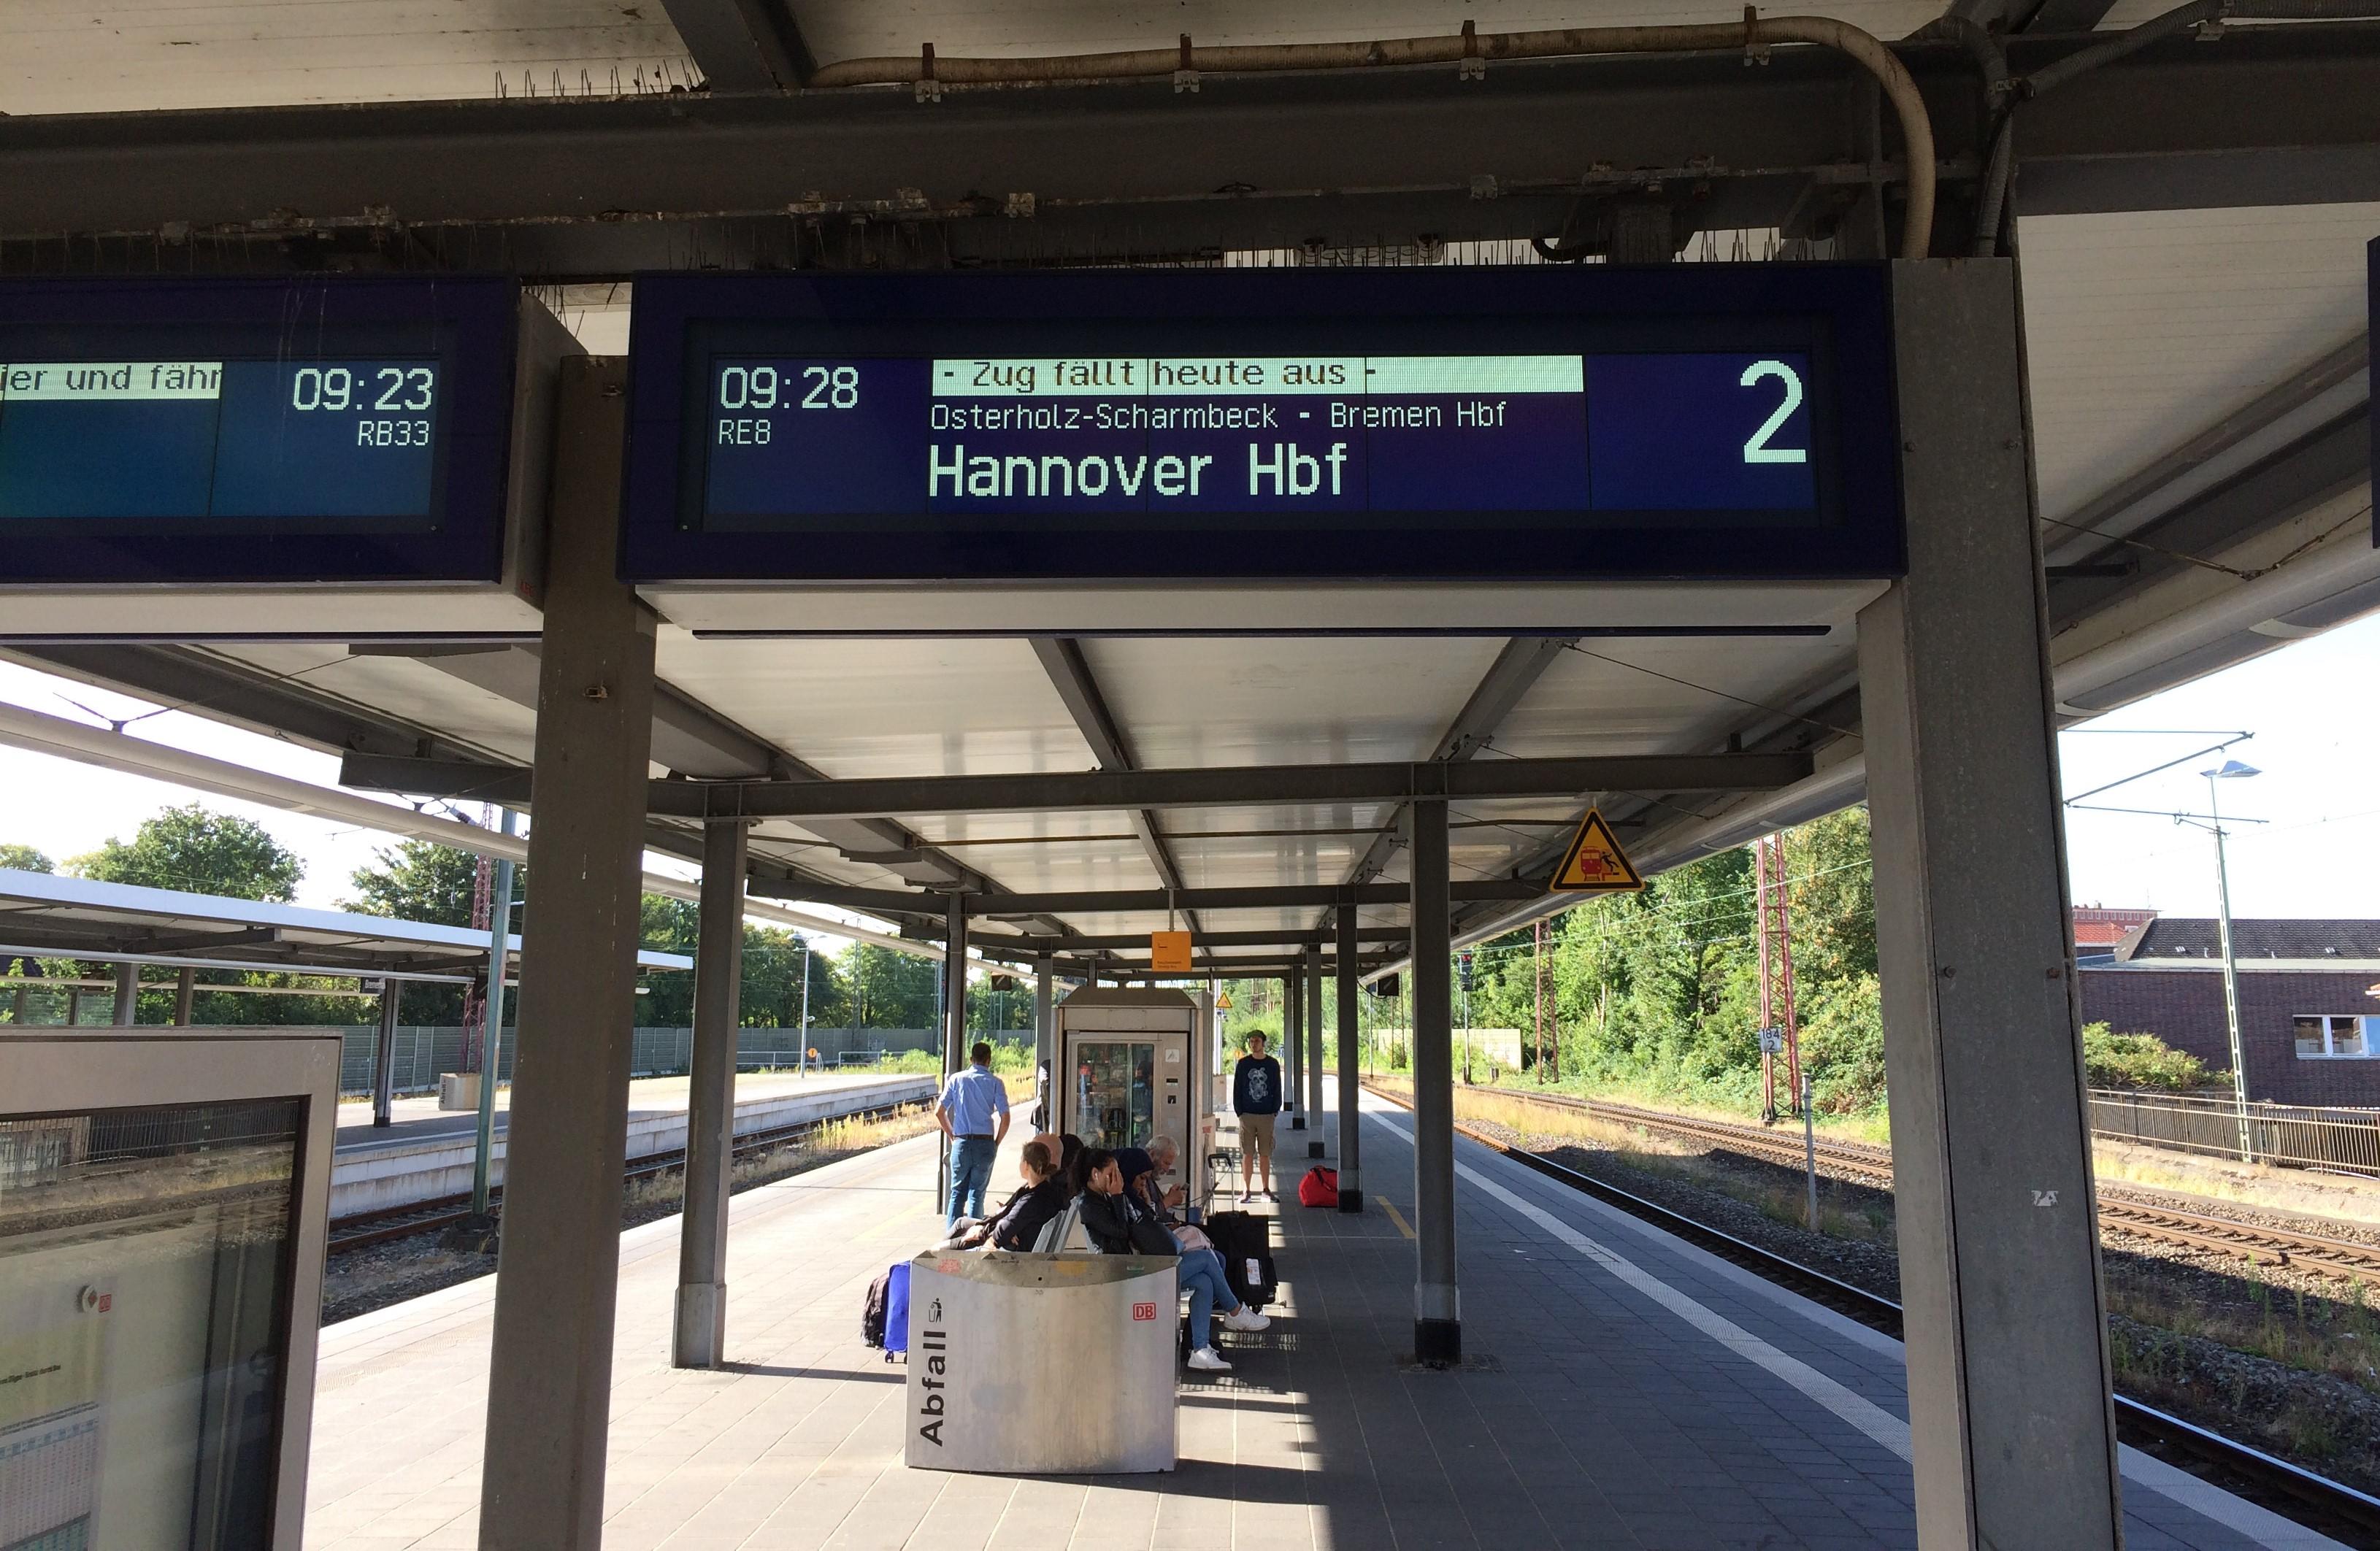 Bremerhaven train station